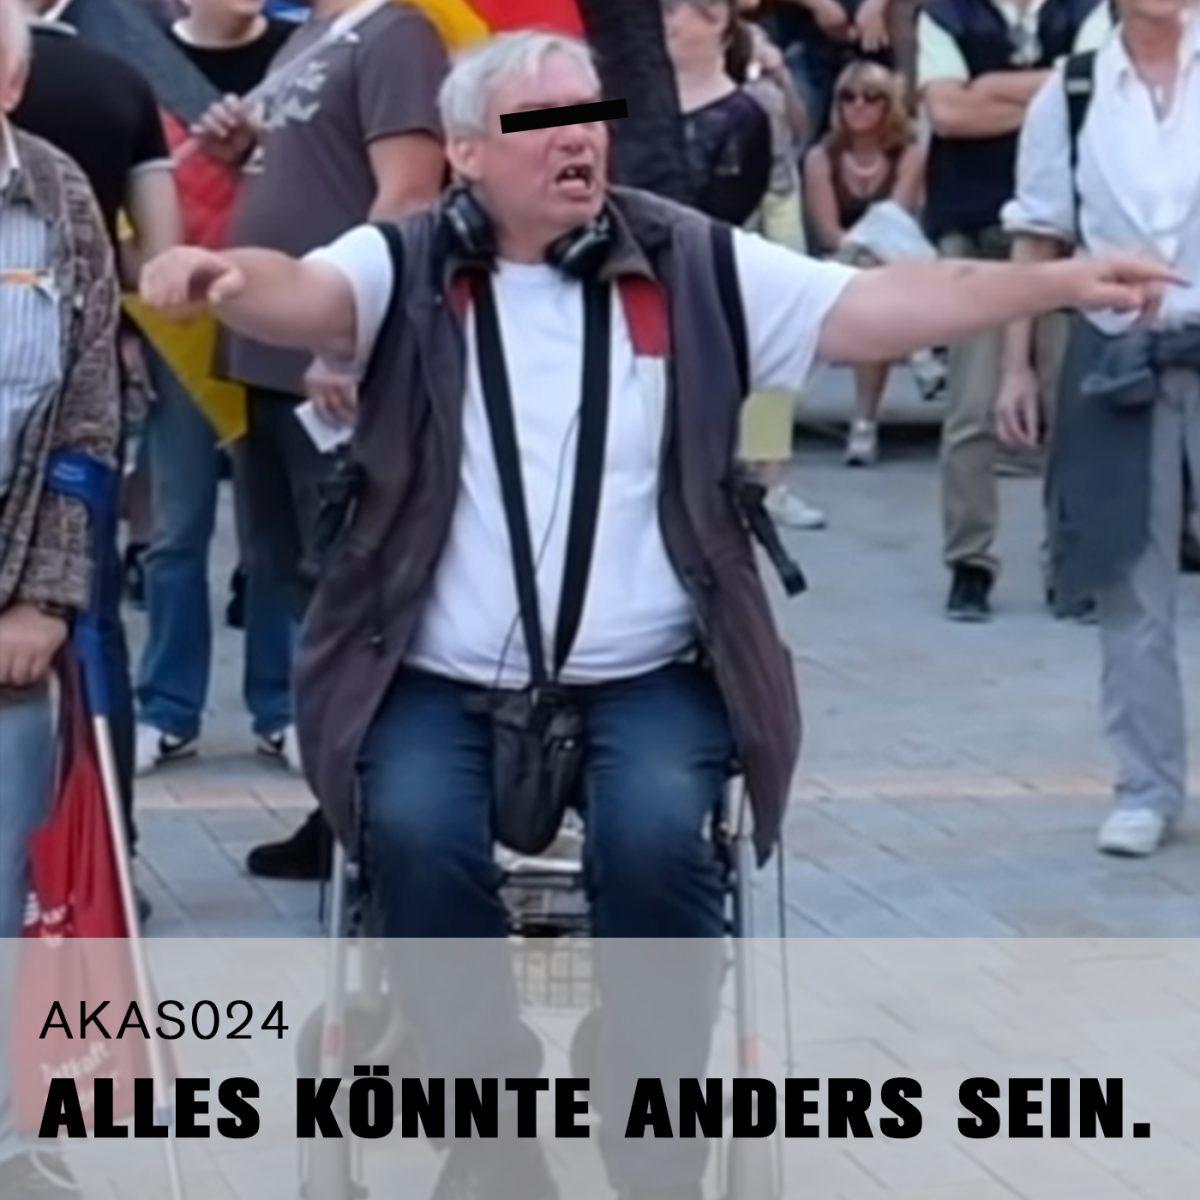 AKAS024 Der AfD-Rollator-Penis